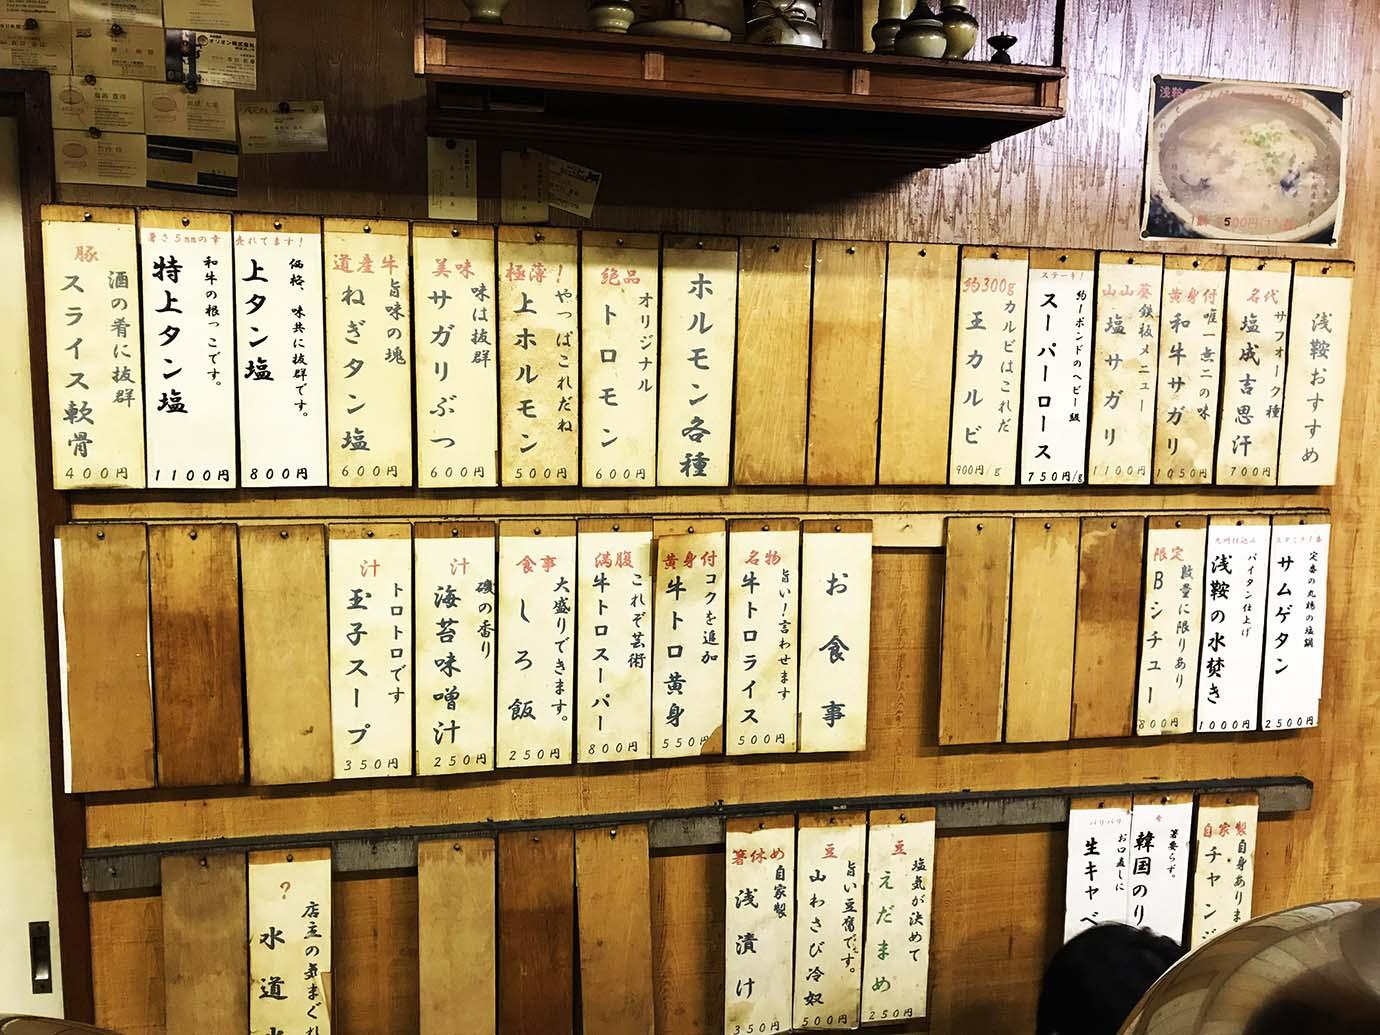 asakura-sapporo11